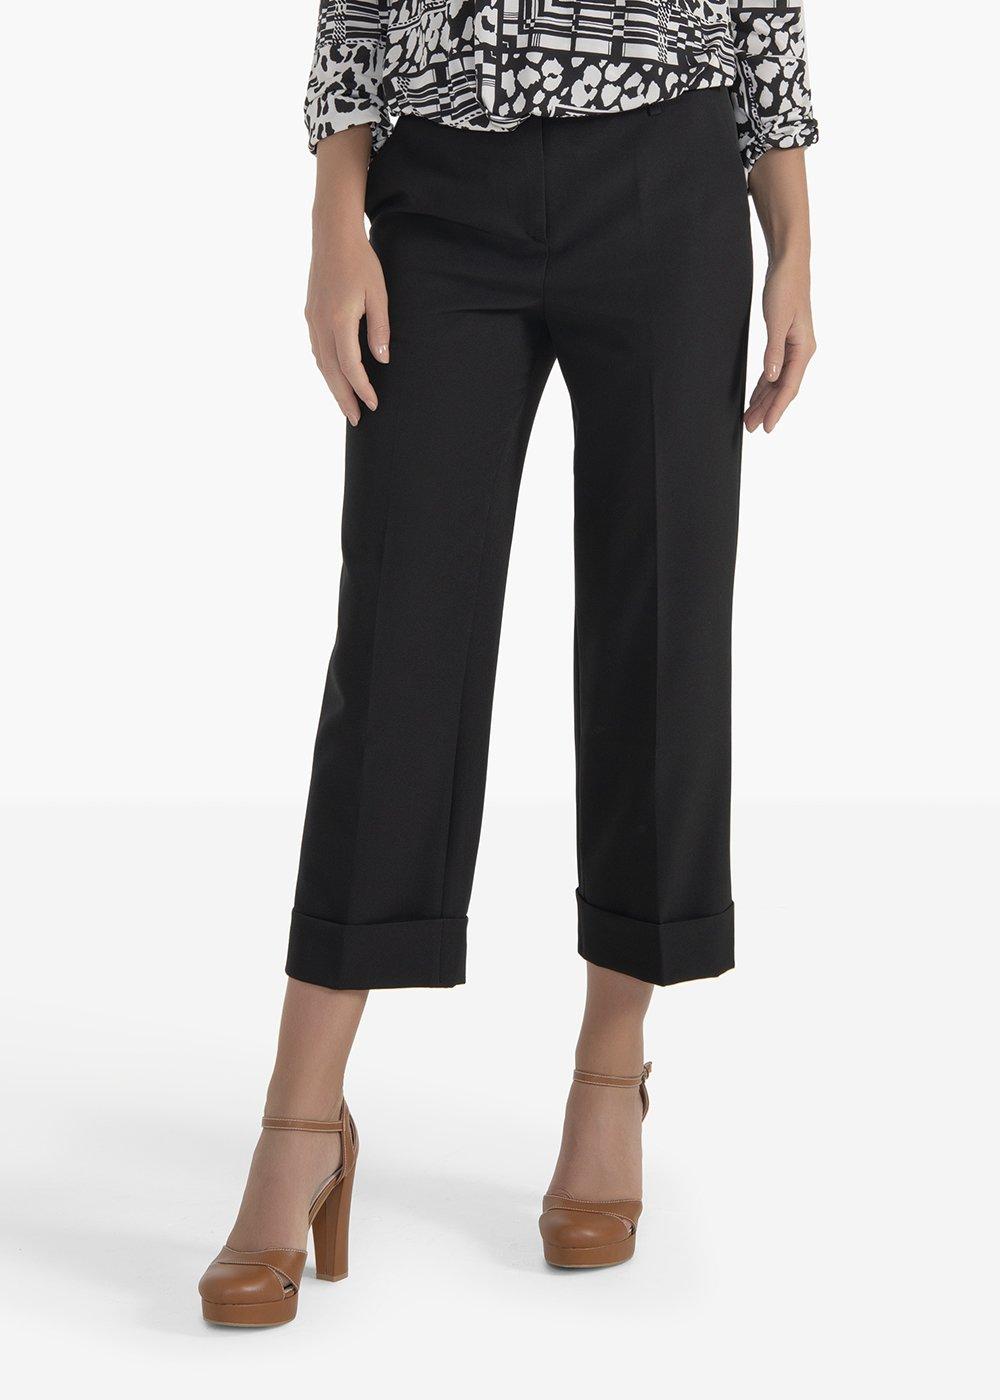 Pantaloni Sara in tessuto tecnico con risvolto al fondo - Black - Donna